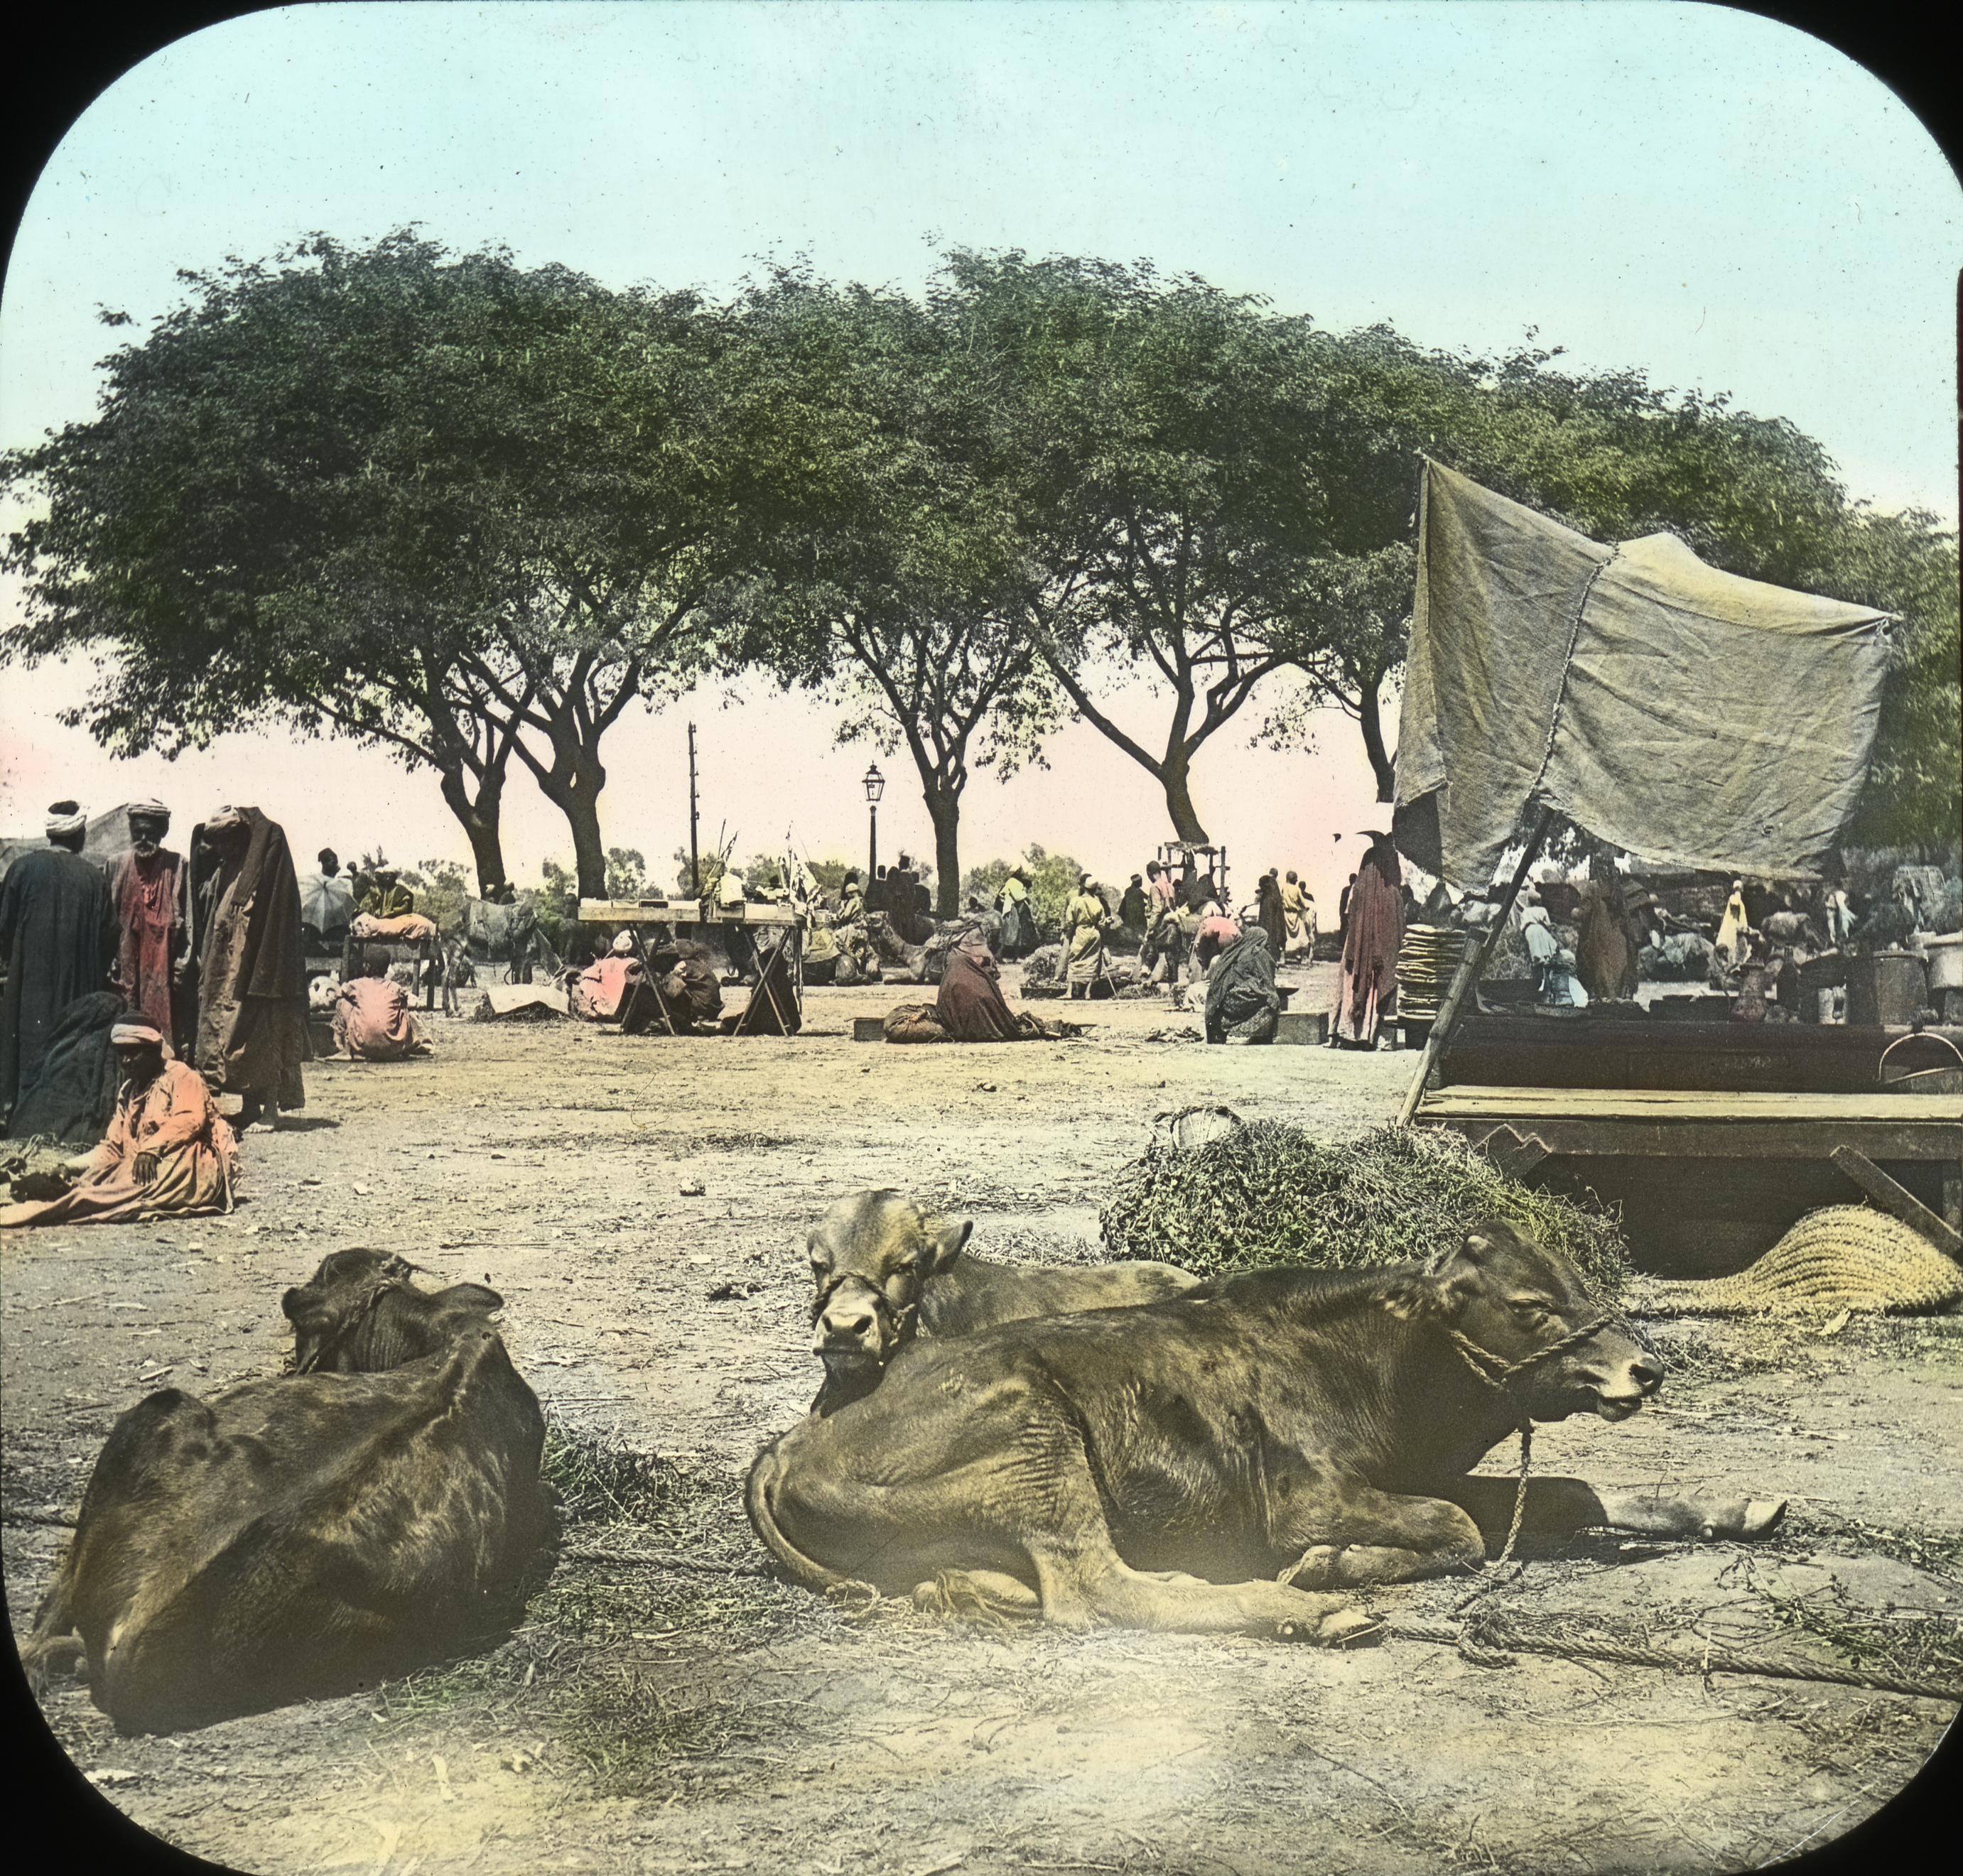 Egypt - Market at Kasr-en-Nil